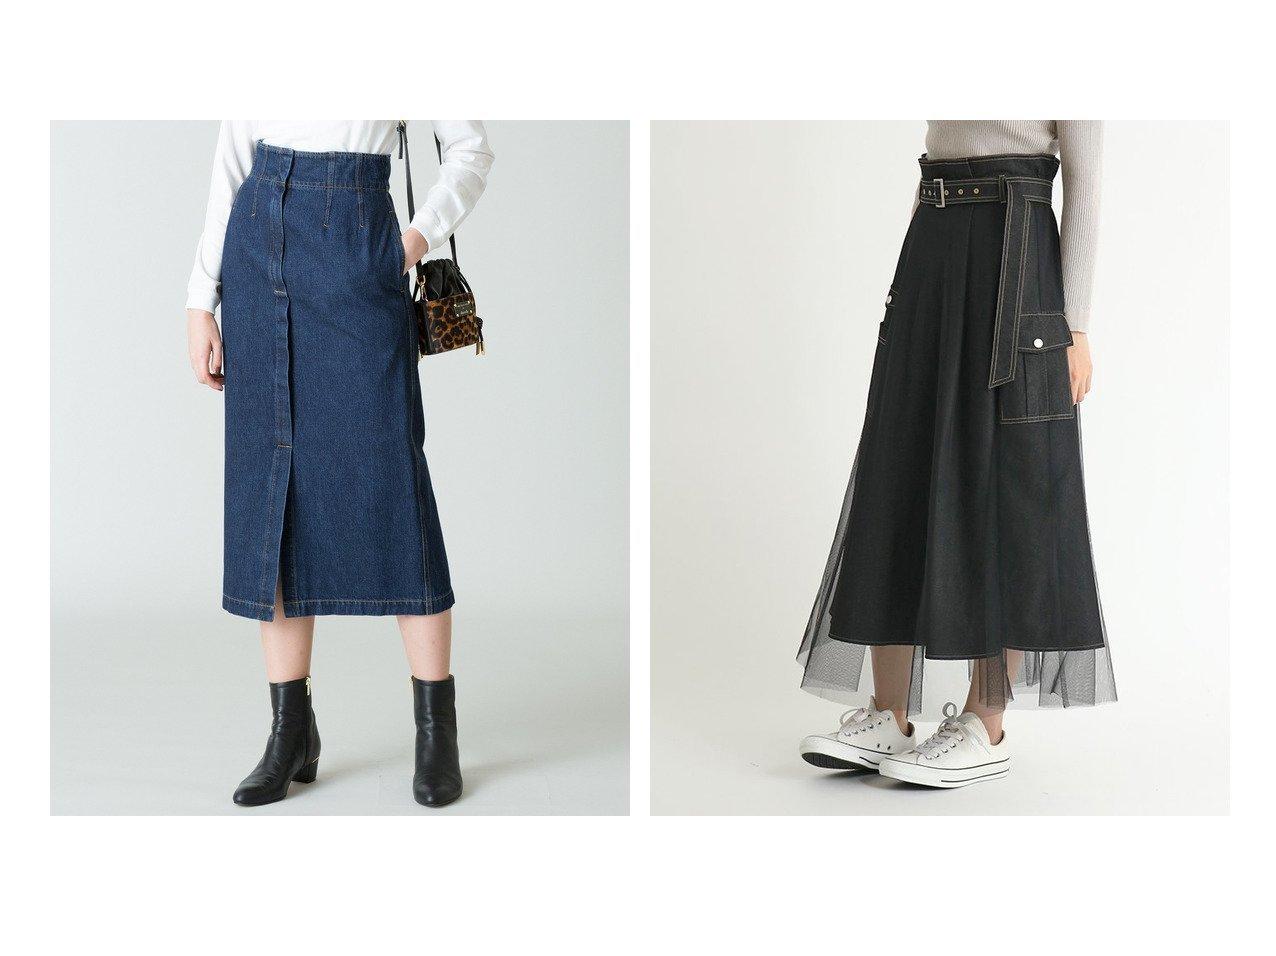 【allureville/アルアバイル】のソフトデニムダブルスリットタイトスカート&【SCOTCLUB/スコットクラブ】のPraia(プライア) チュールレイヤードデニムスカート スカートのおすすめ!人気、レディースファッションの通販 おすすめで人気のファッション通販商品 インテリア・家具・キッズファッション・メンズファッション・レディースファッション・服の通販 founy(ファニー) https://founy.com/ ファッション Fashion レディース WOMEN スカート Skirt デニムスカート Denim Skirts Aライン/フレアスカート Flared A-Line Skirts コンパクト スリット タイトスカート デニム ポケット |ID:crp329100000003024